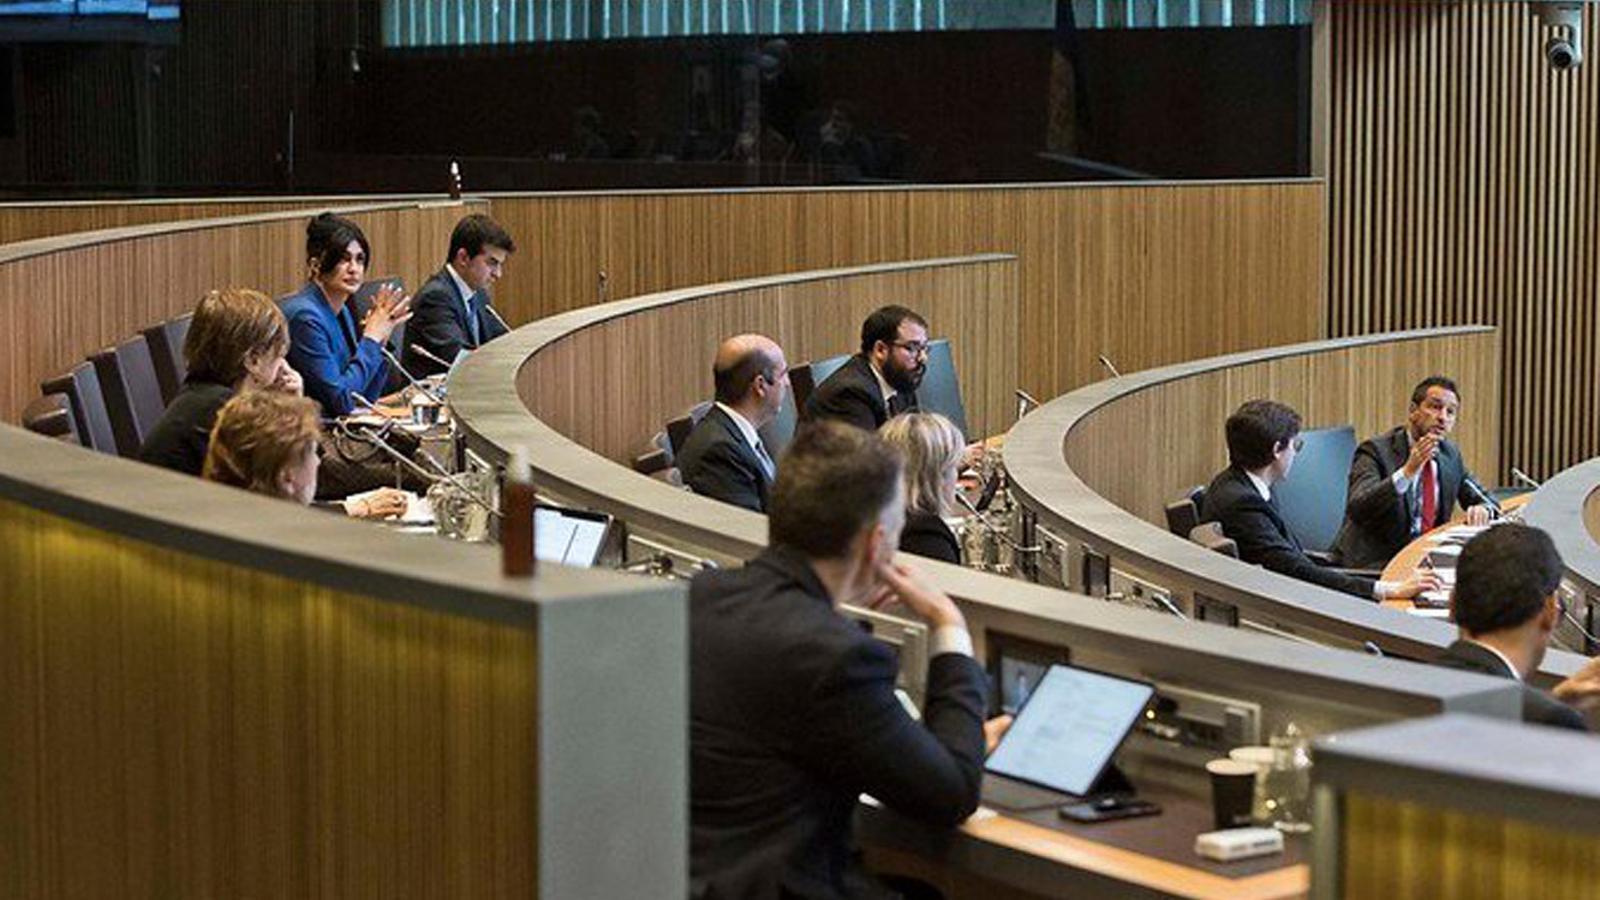 Un moment de la sessió de Consell General celebrada aquest dijous. / TWITTER CONSELL GENERAL